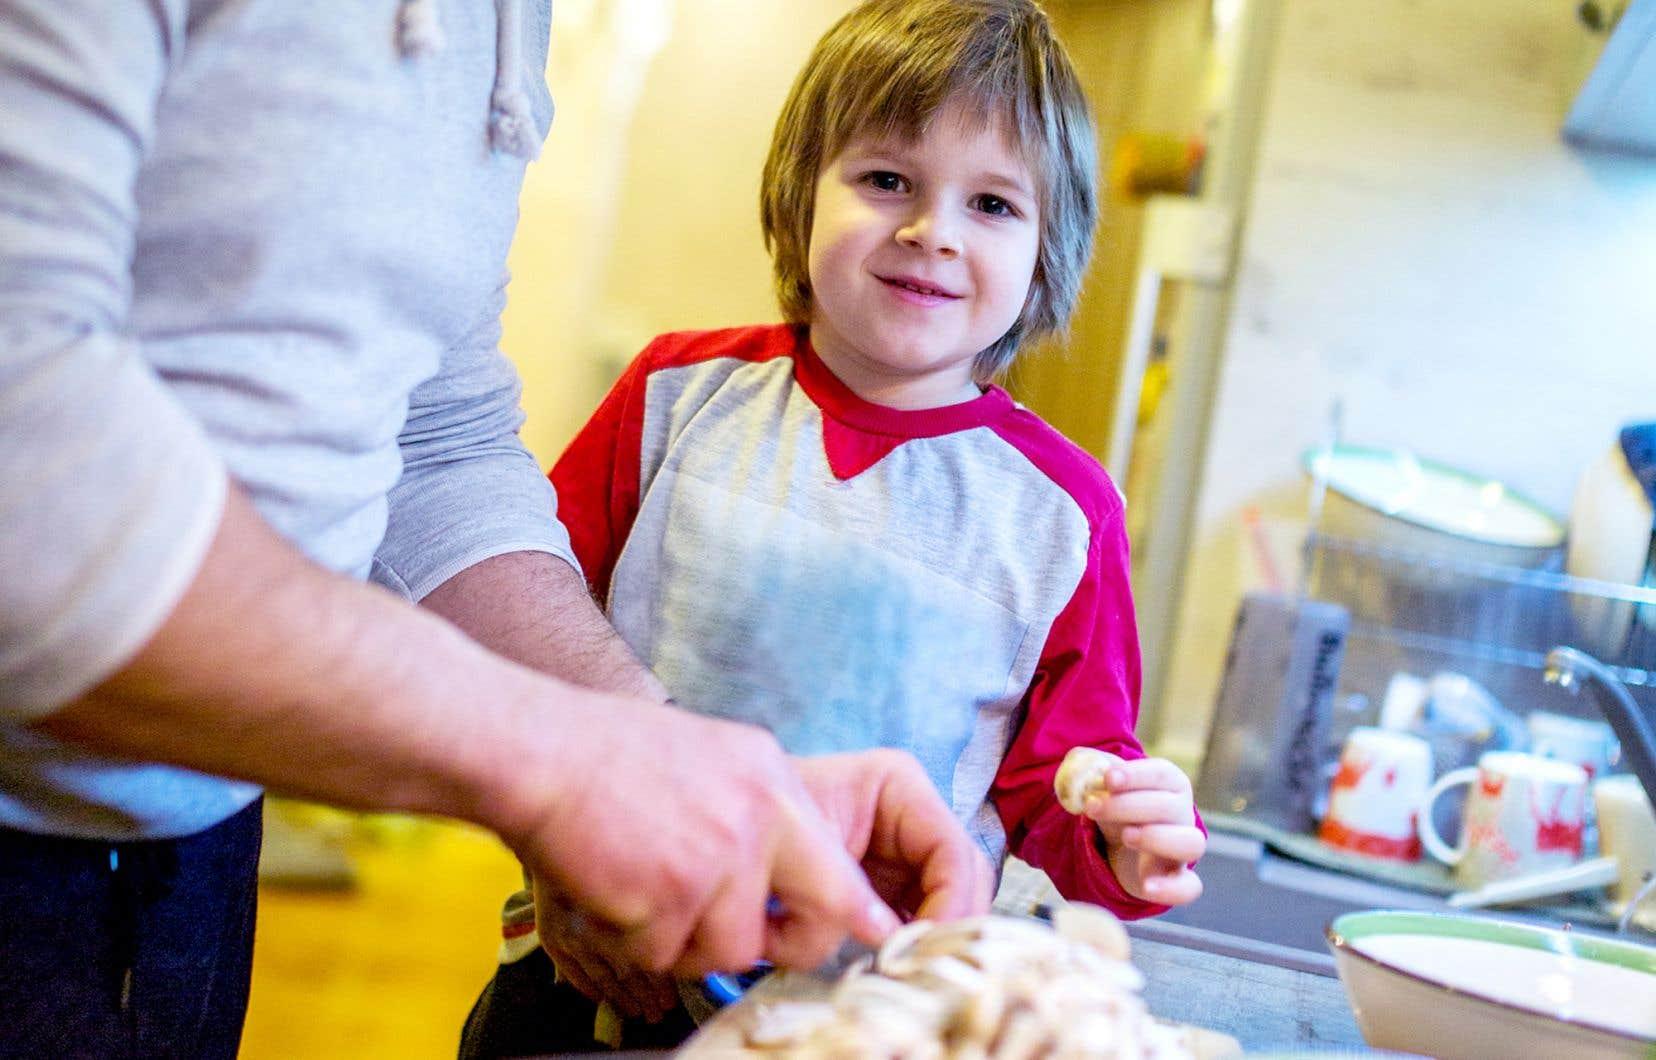 Mettre la main à la pate permet de nous éloigner des aliments transformés, qui représentent près de la moitié des calories ingérées par les Canadiens. C'est aussi une occasion en or de transmettre nos connaissances culinaires aux enfants, qui sont en pleine découverte des aliments.